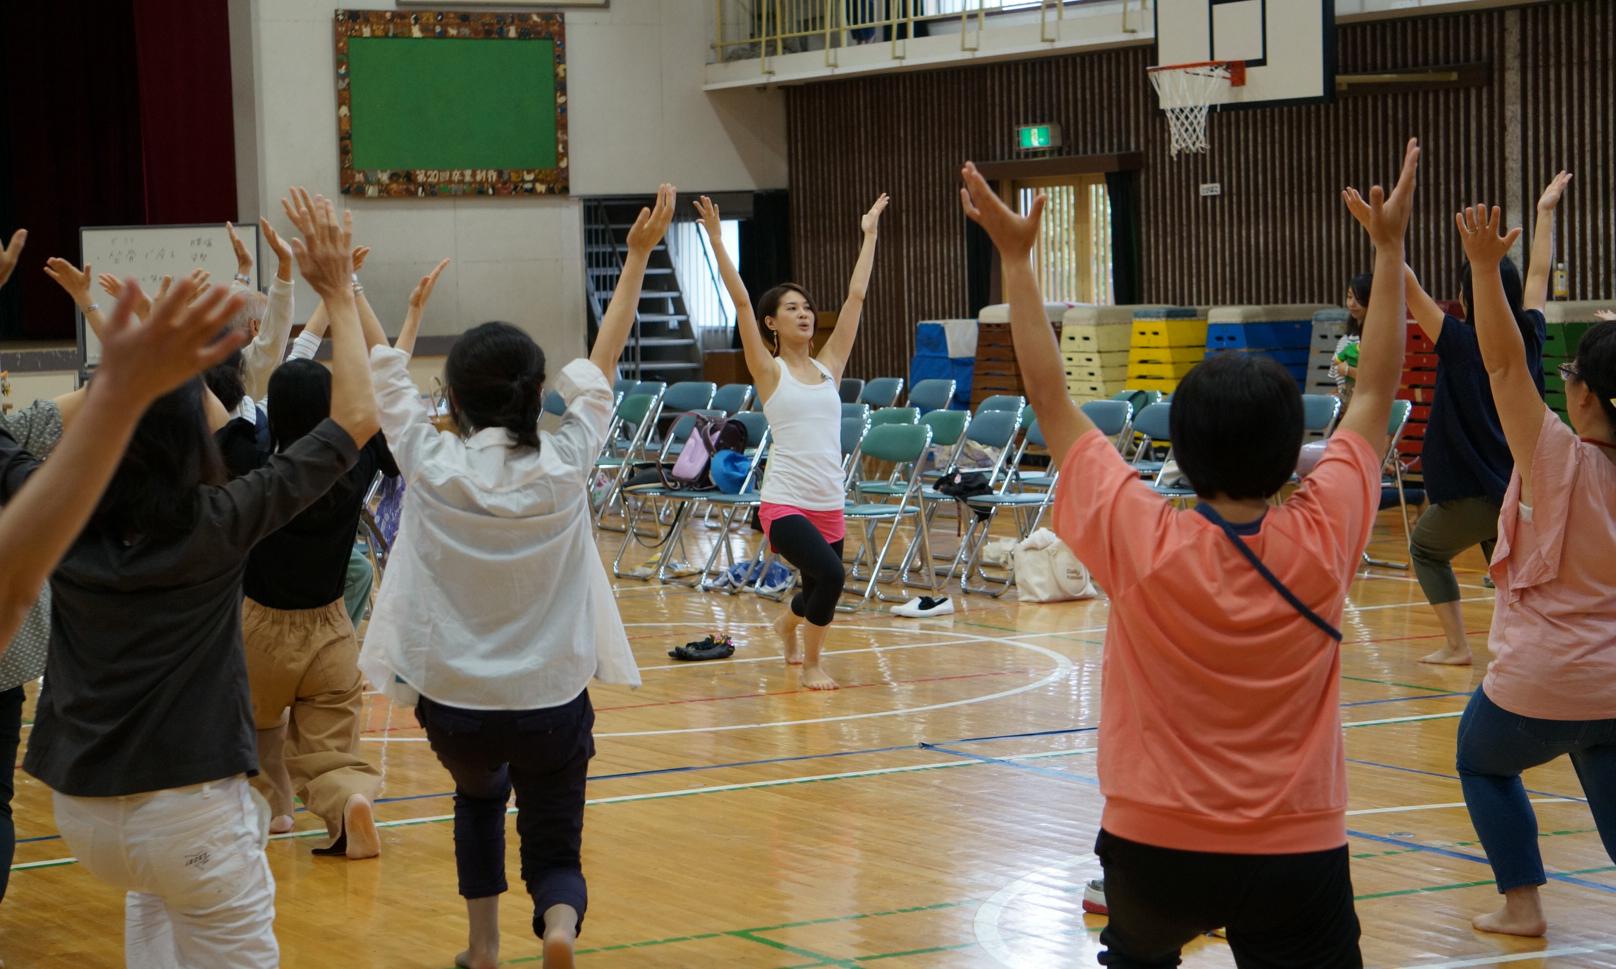 『骨を意識して健康になる!~骨先生®と学ぶ 体験型 姿勢セミナー~』開催報告|骨先生 柴田郁恵公式ホームページ